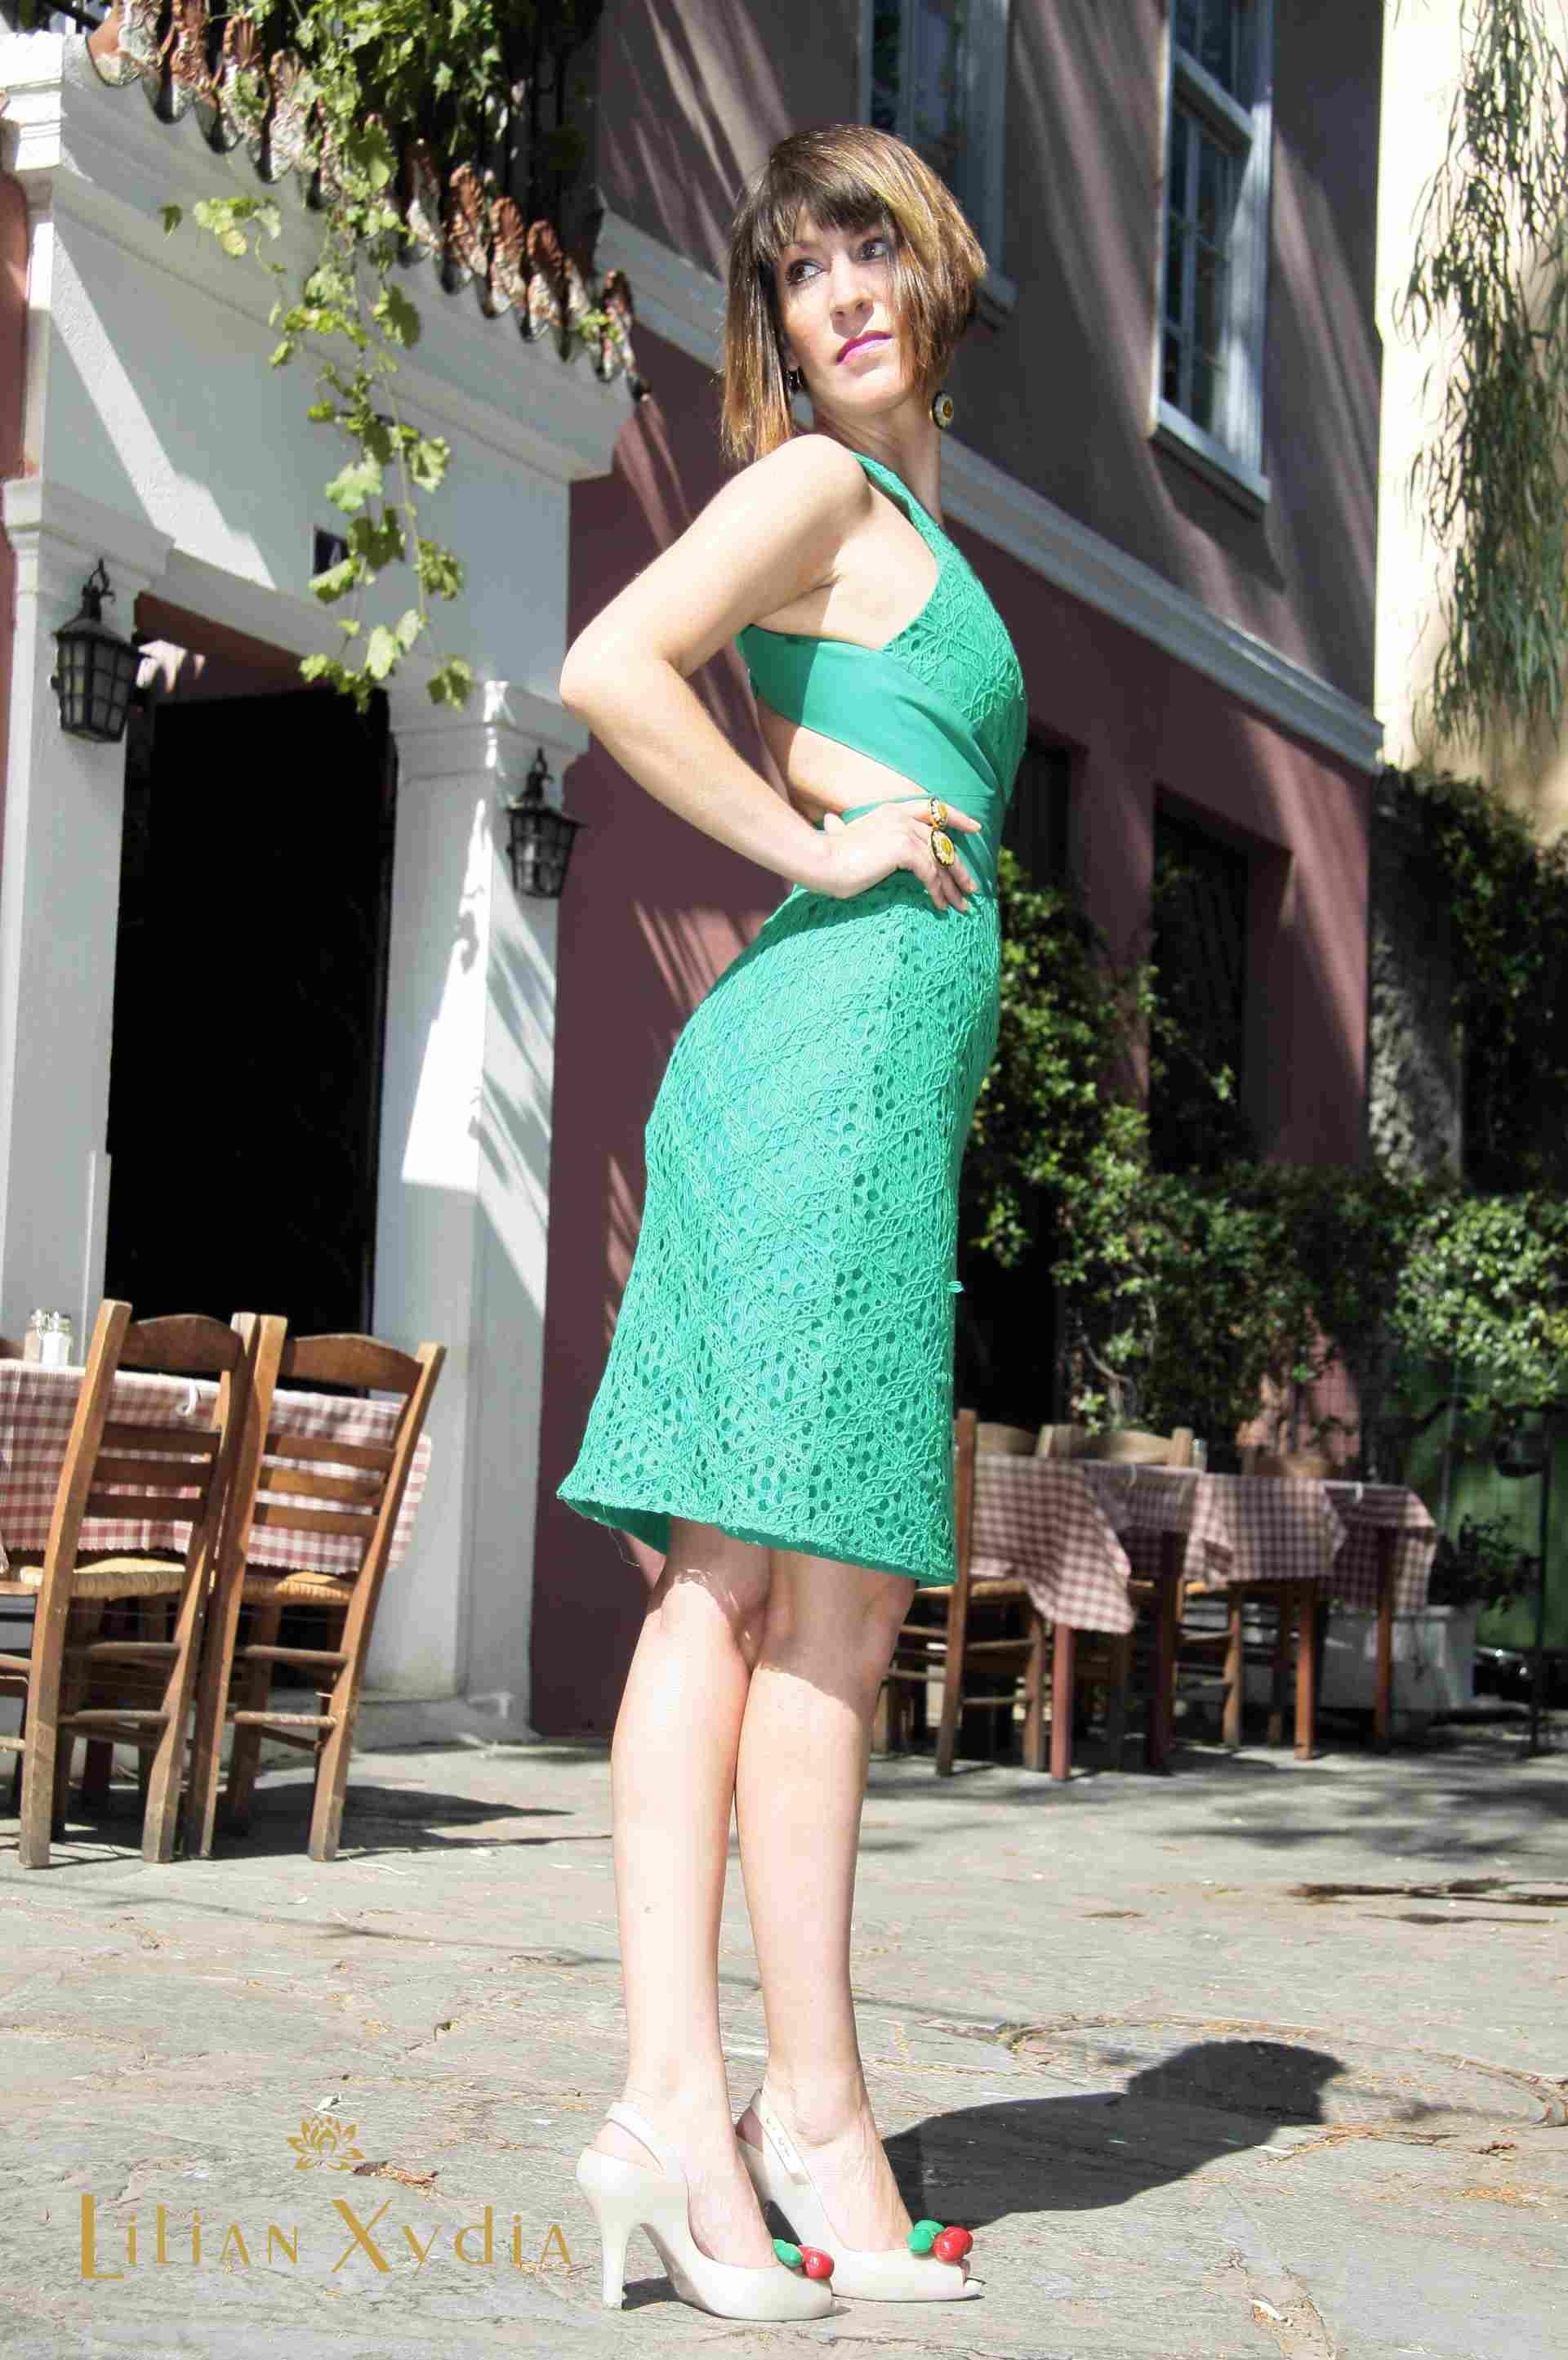 Βραδυνό - κοκτέηλ φόρεμα, με ανοίγματα στην πλάτη, από βαμβακερή δαντέλα